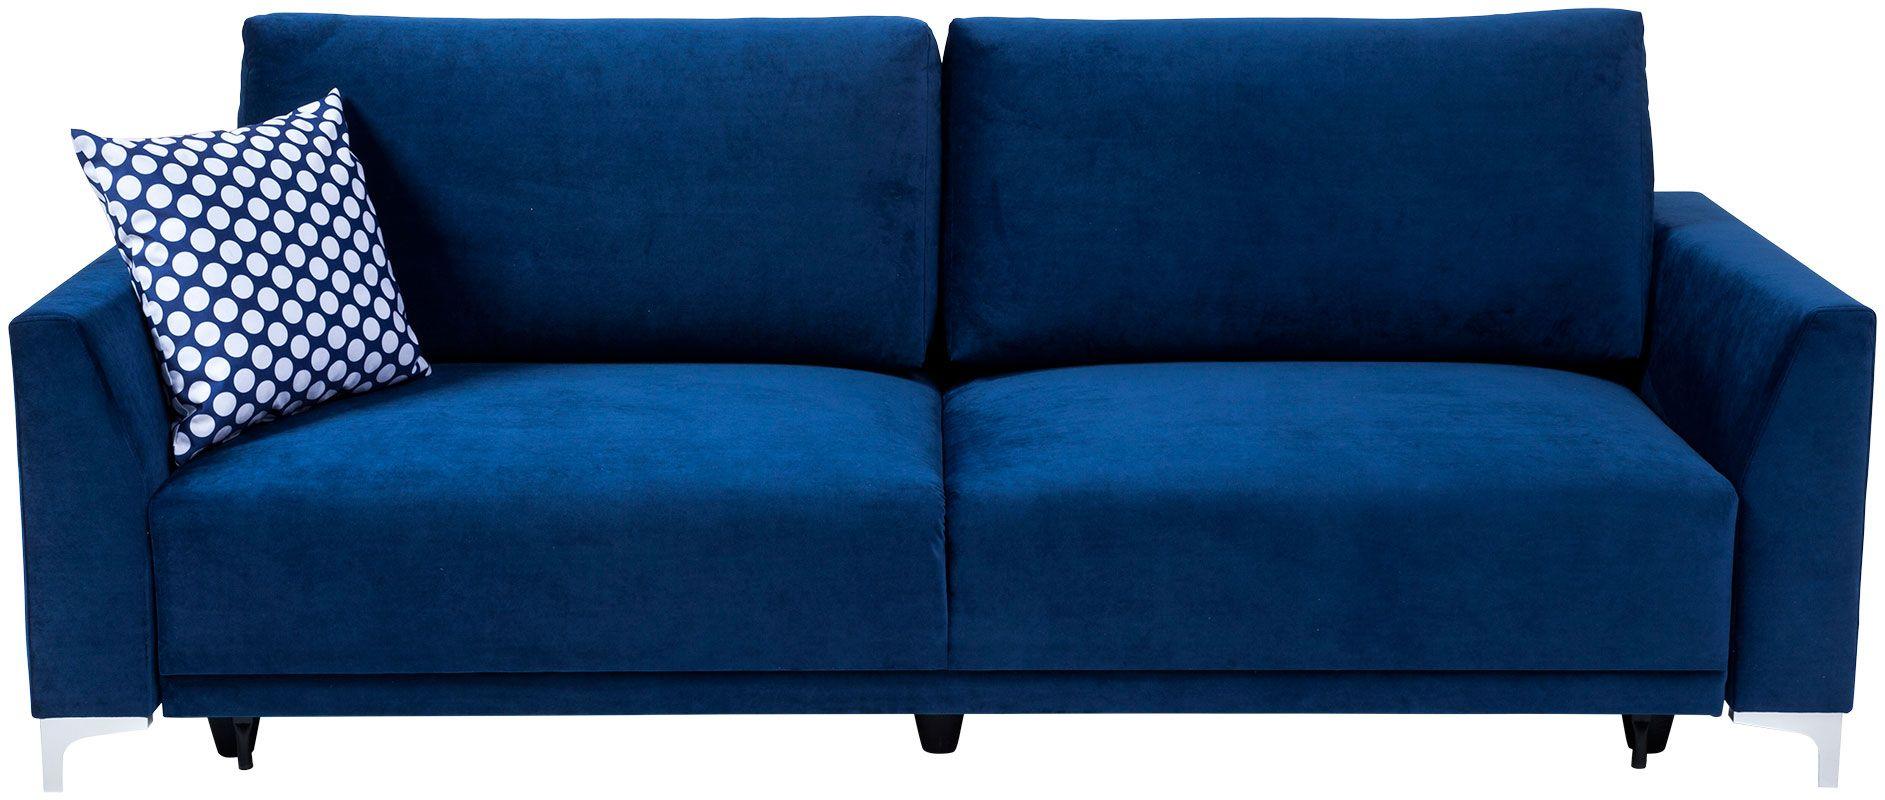 sofa verdi 4